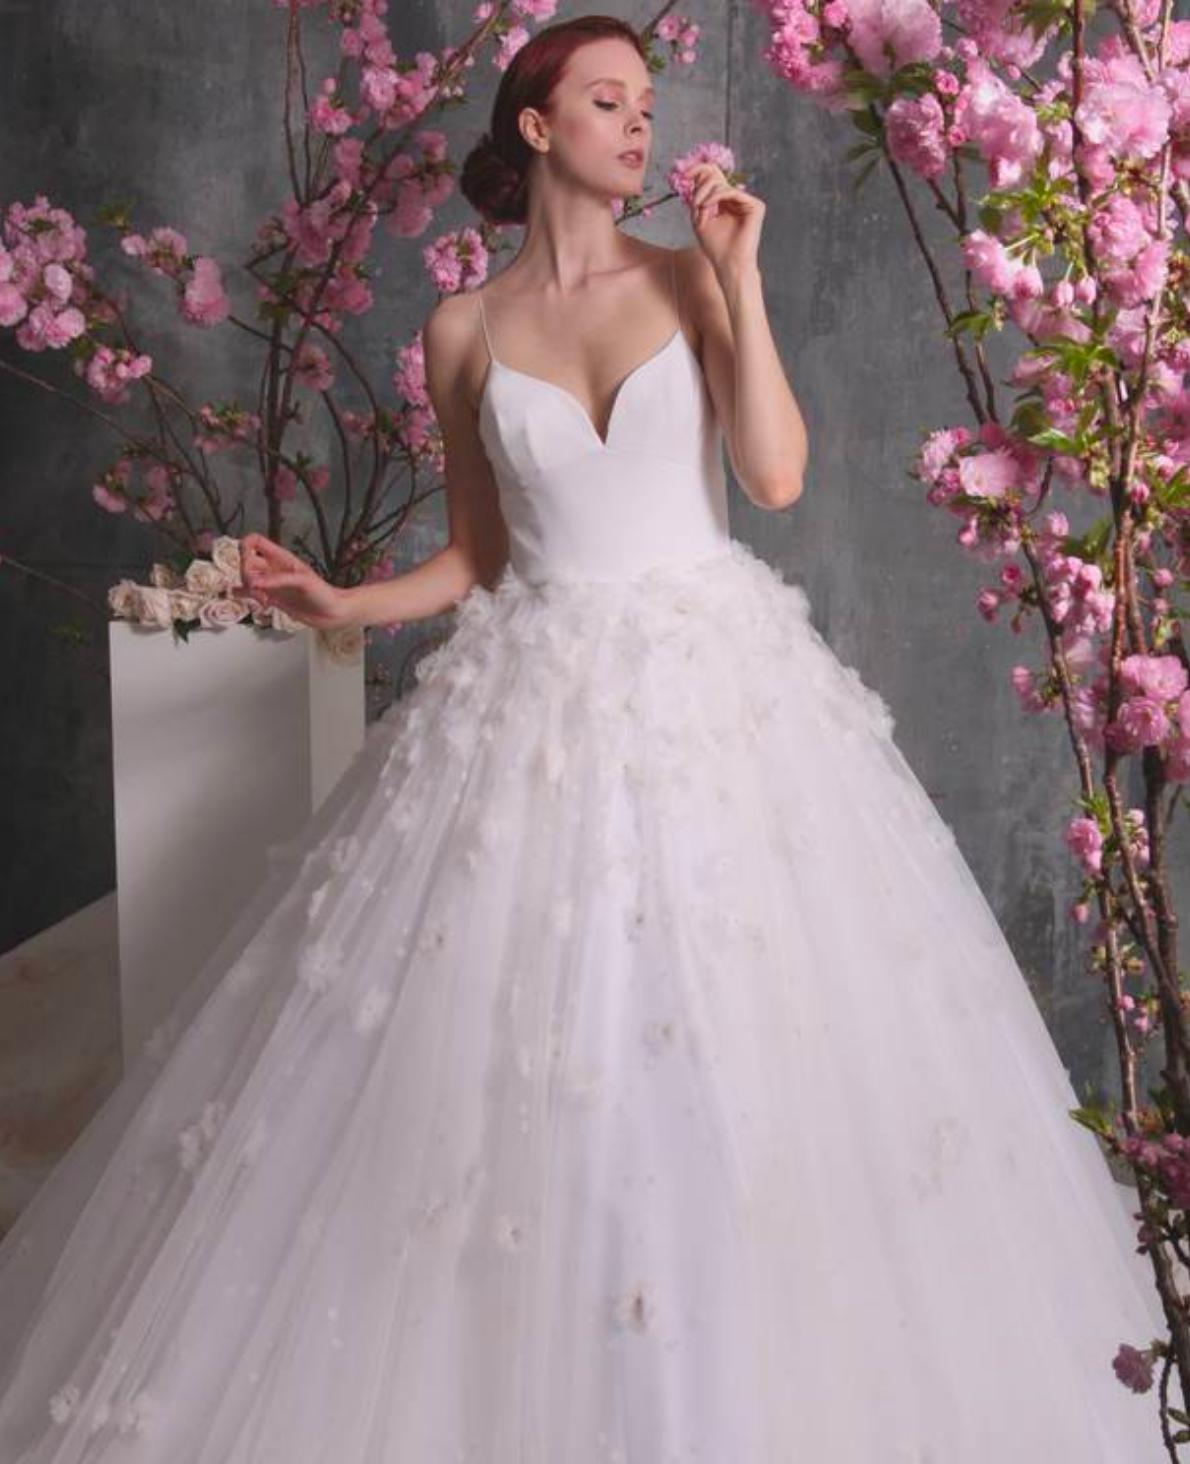 5e62a64a621c6 Mariage : Christian Siriano dévoile sa gamme de robes de mariées ...